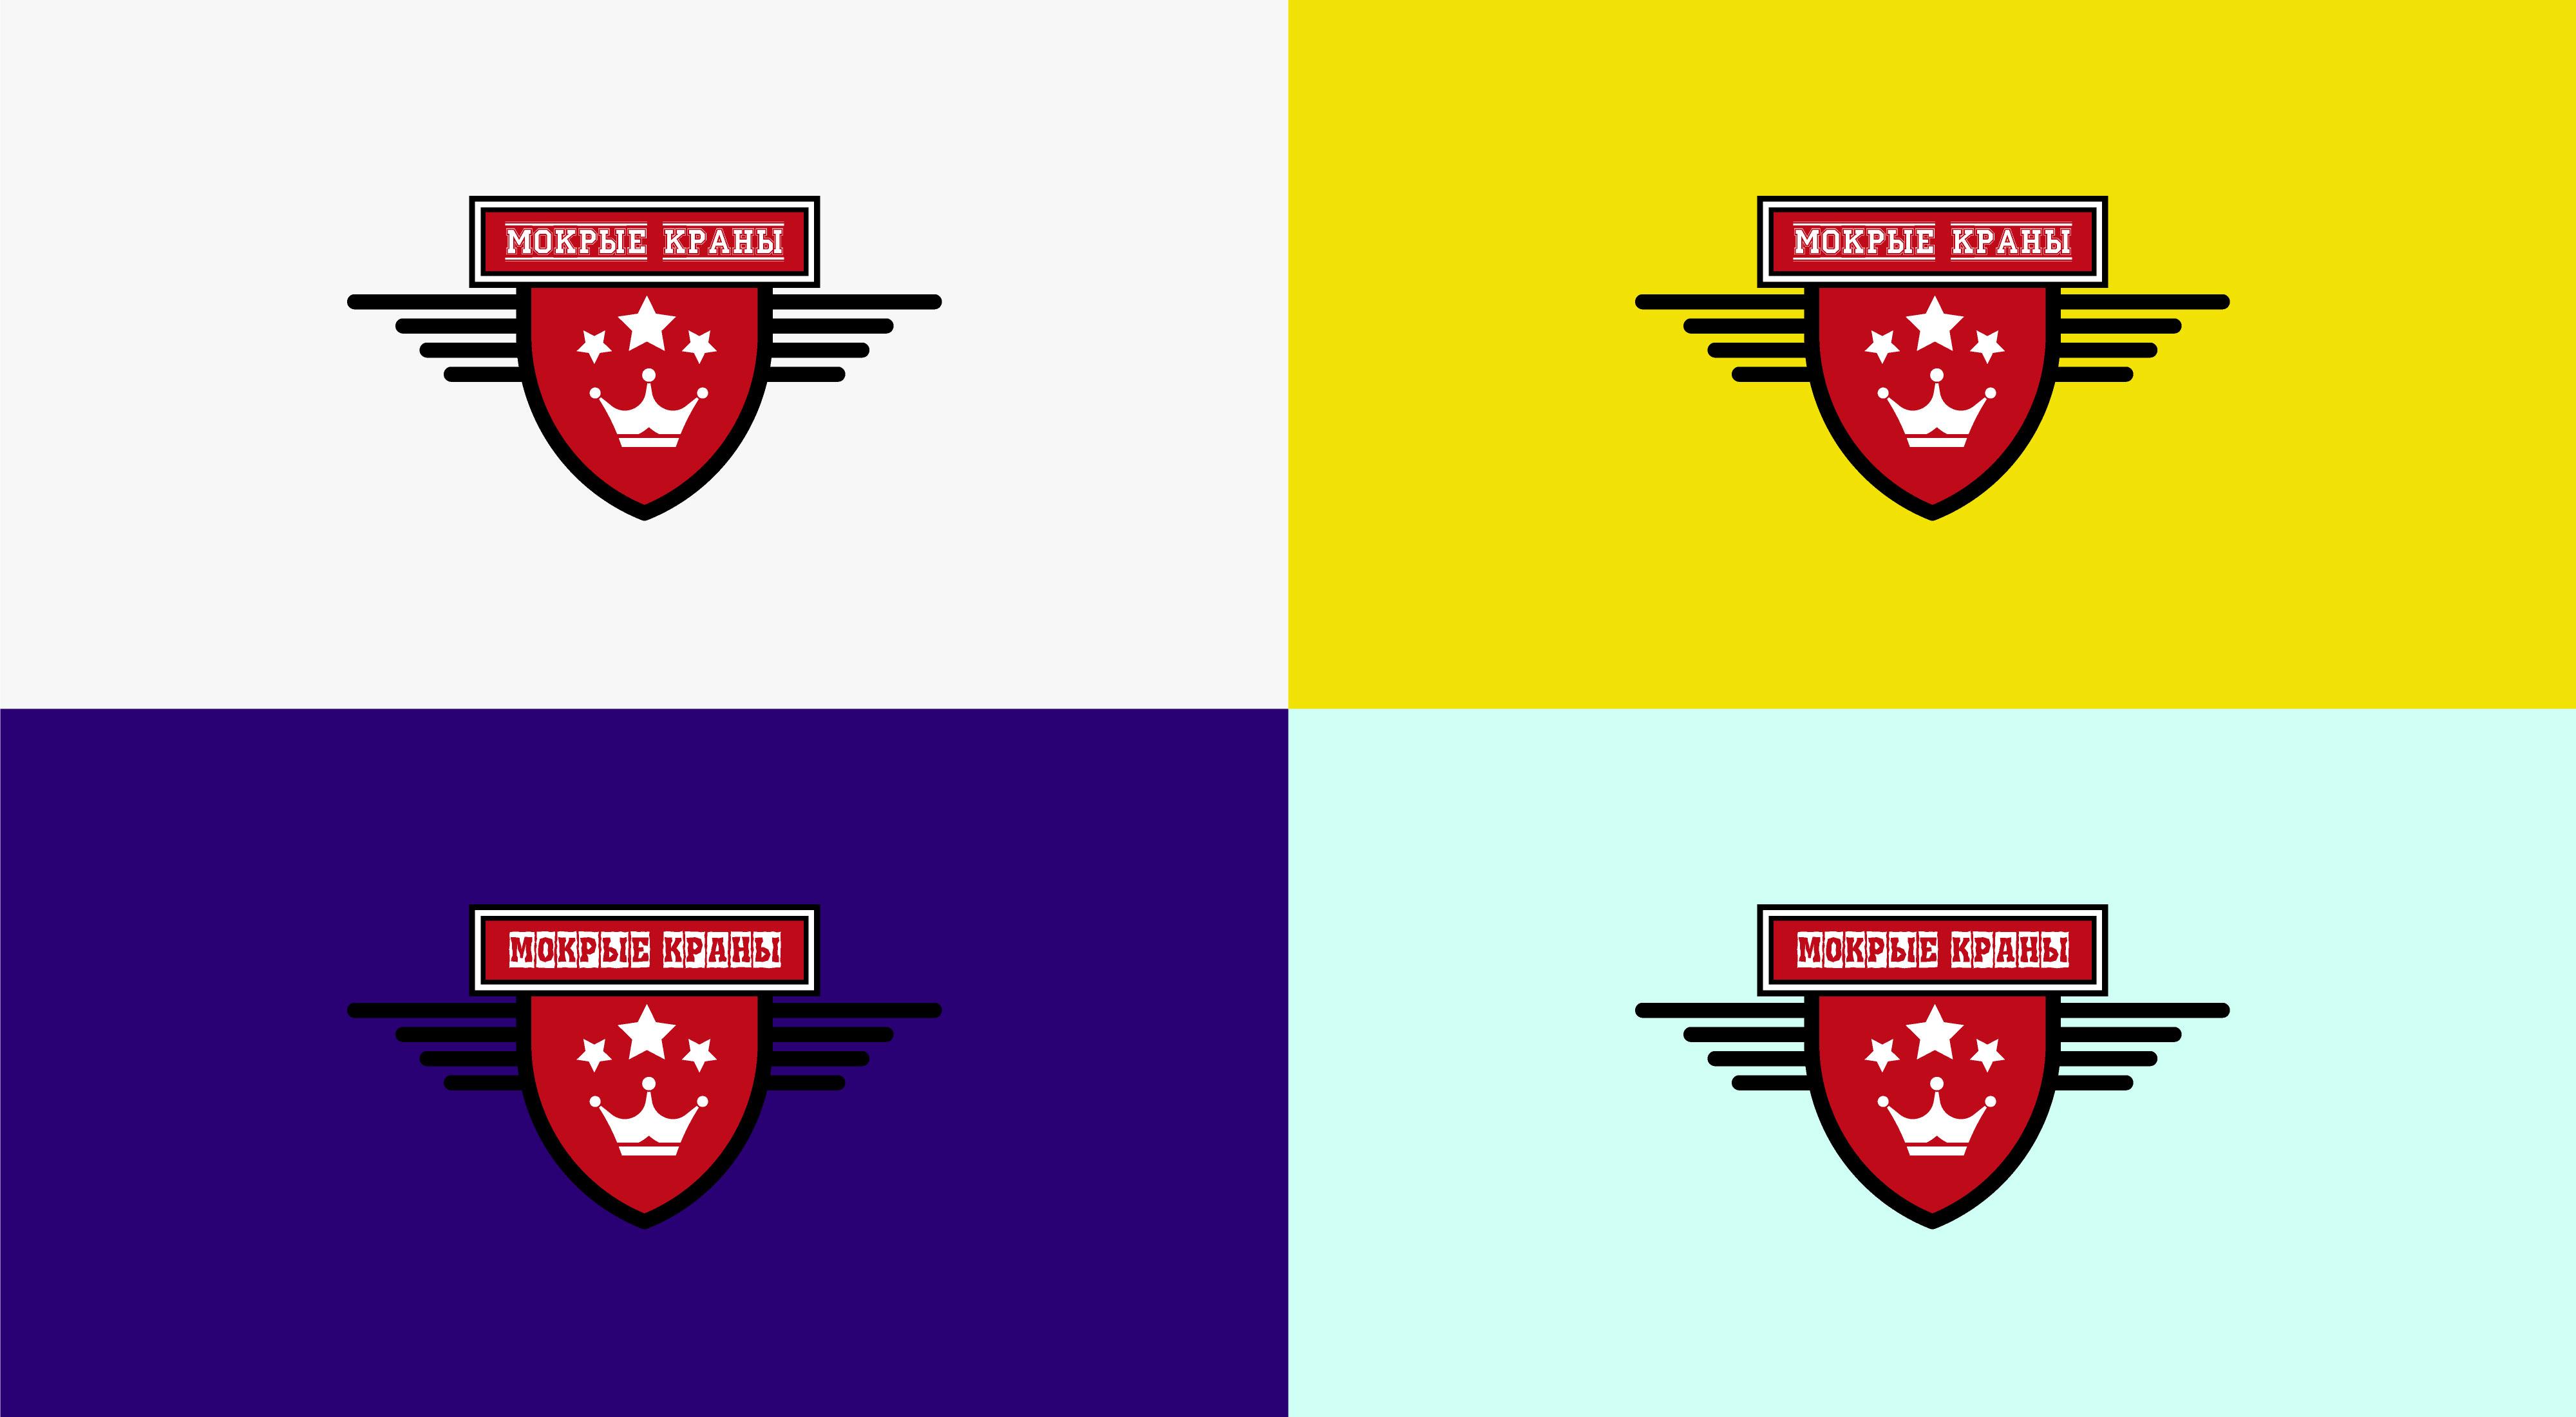 Вывеска/логотип для пивного магазина фото f_5856027fec93fdc3.jpg